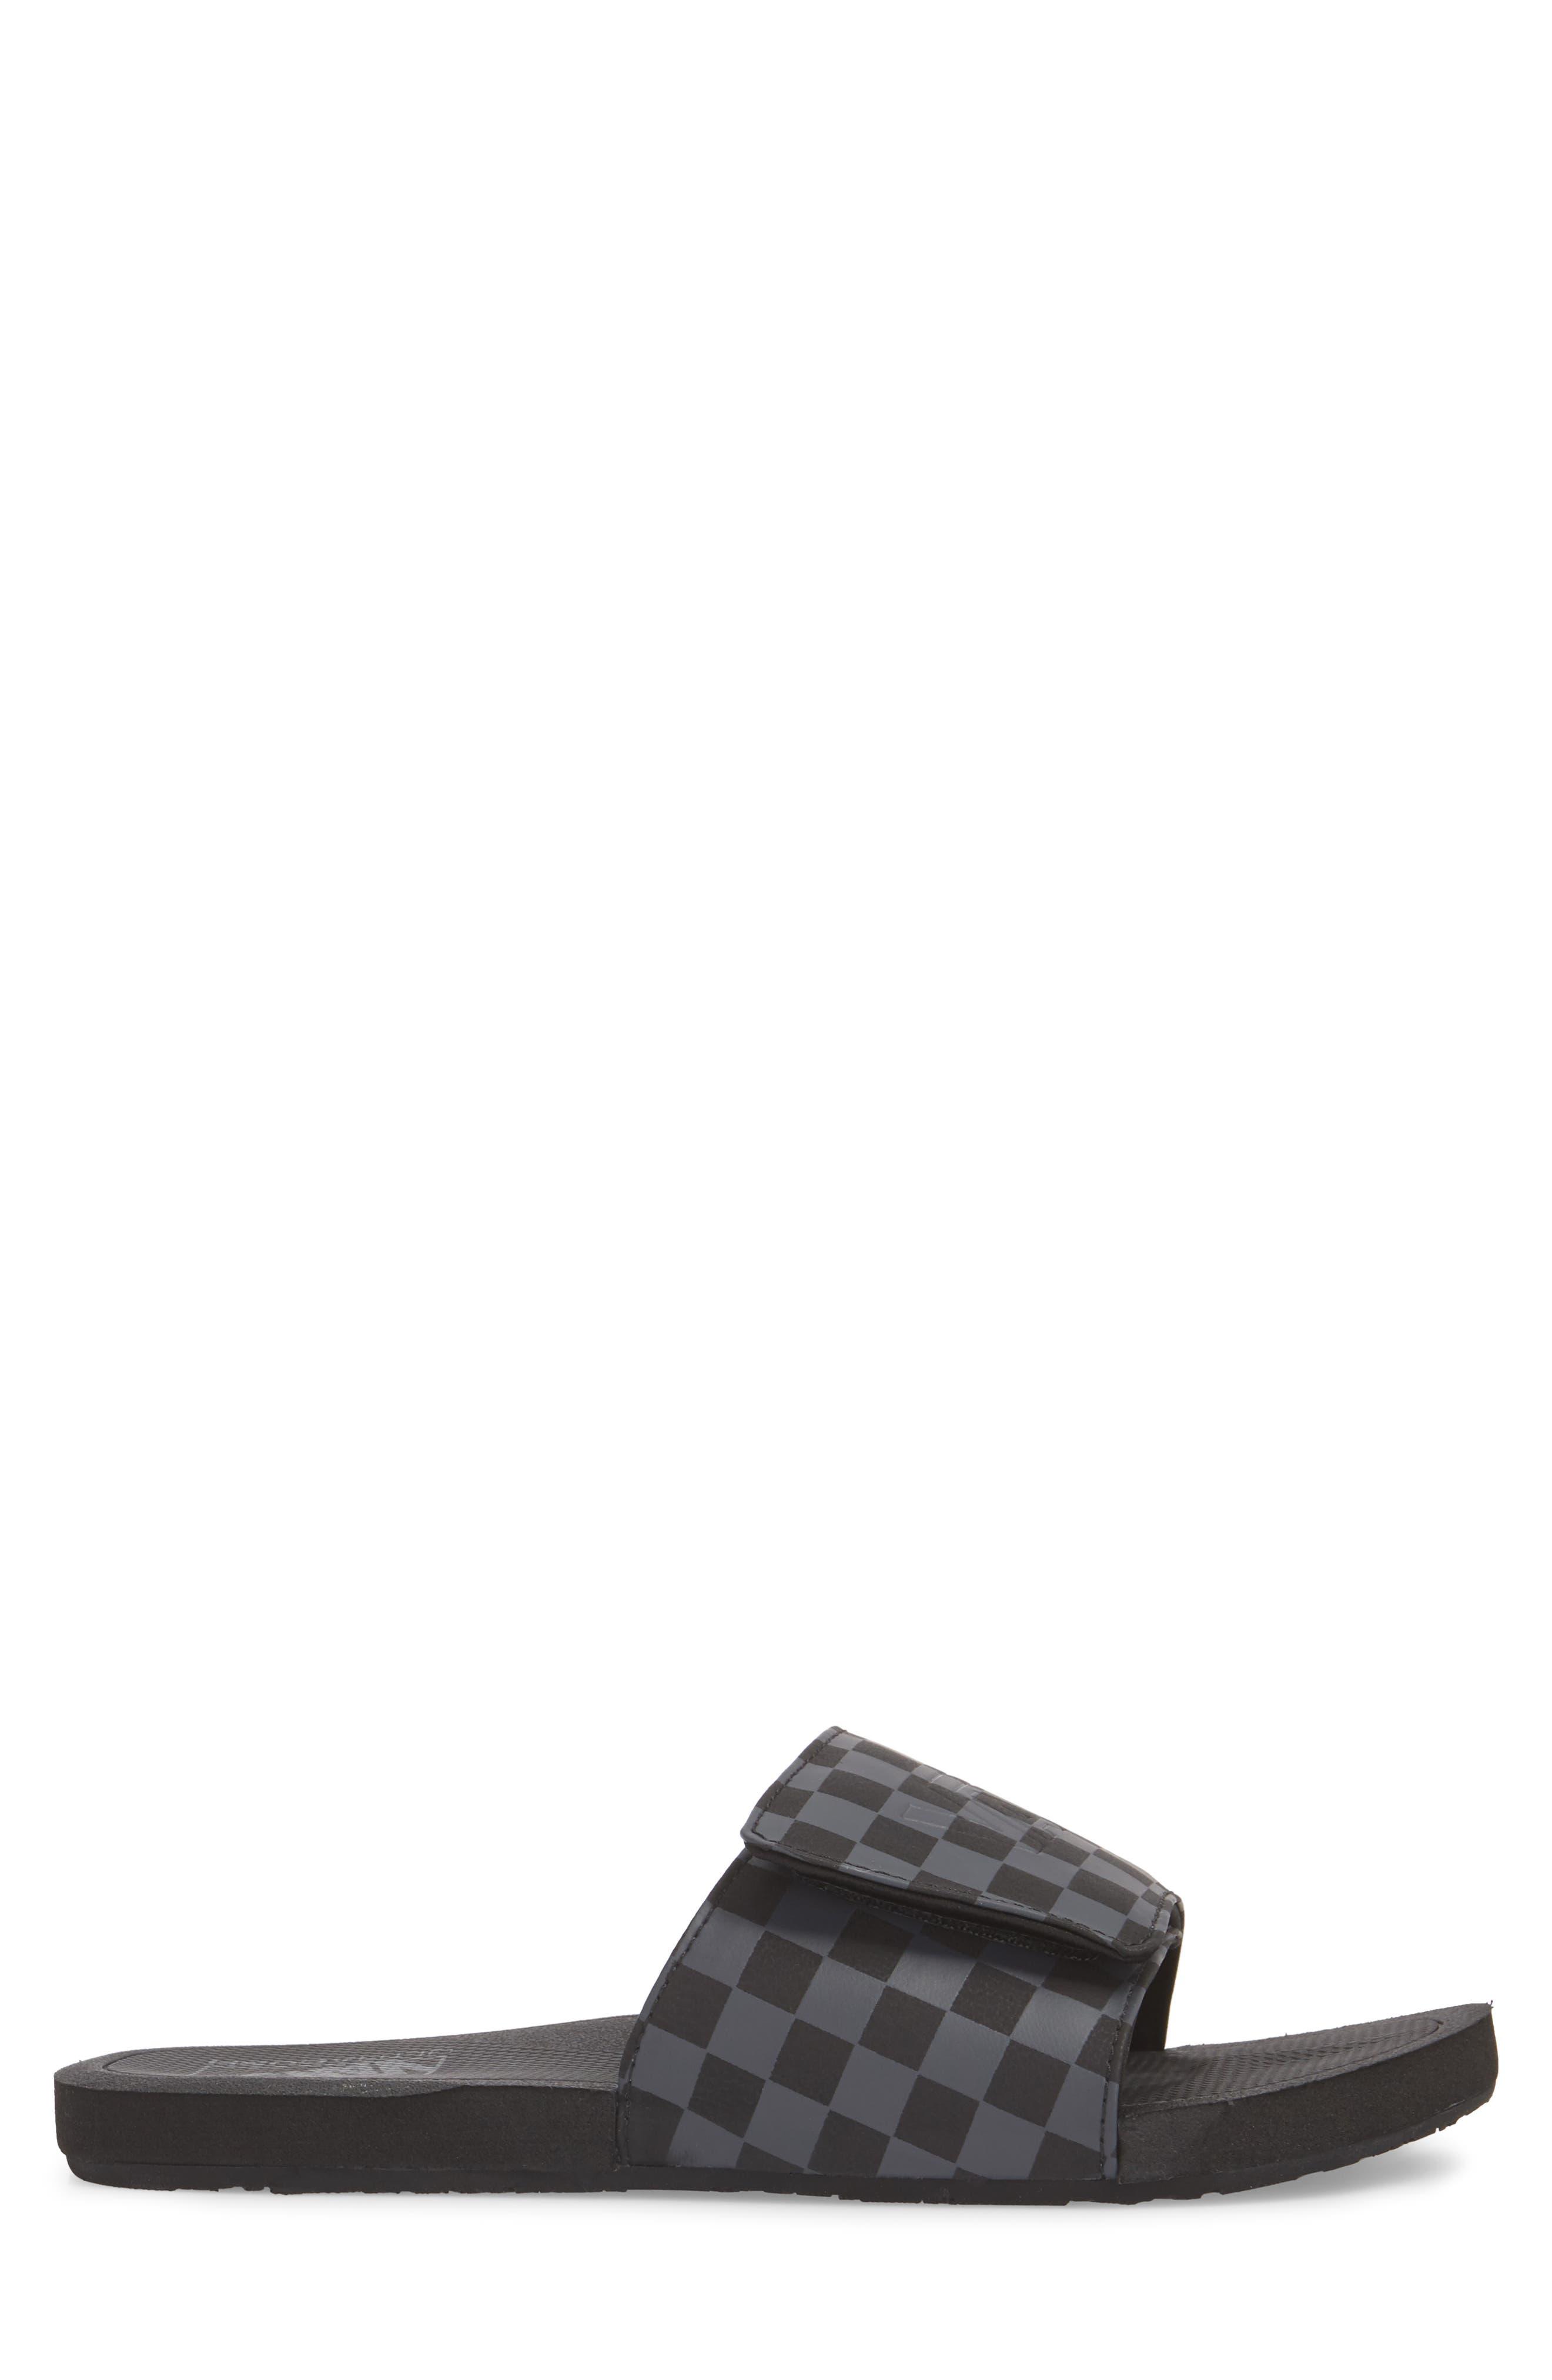 Nexpa Slide Sandal,                             Alternate thumbnail 3, color,                             001